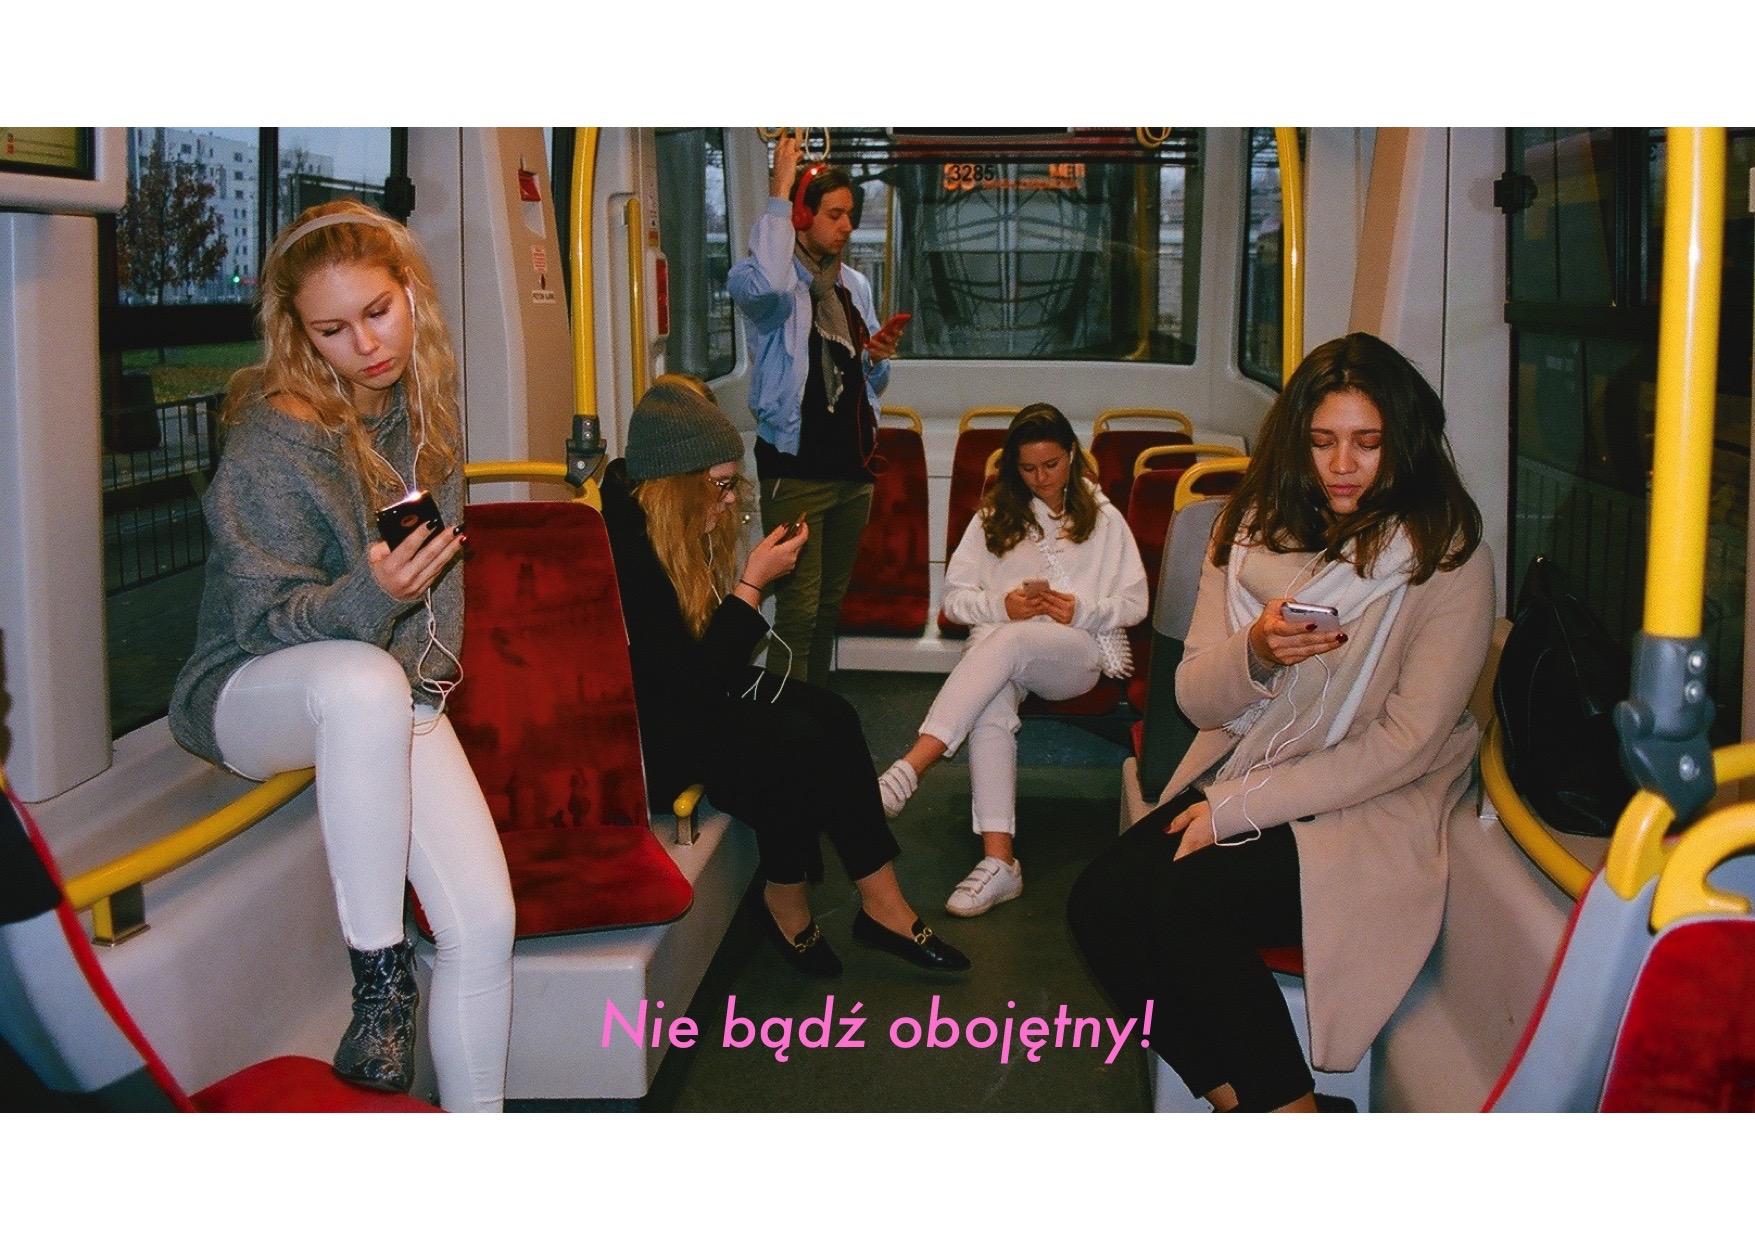 Kilka osób w tramwaju, każda patrzy w telefon